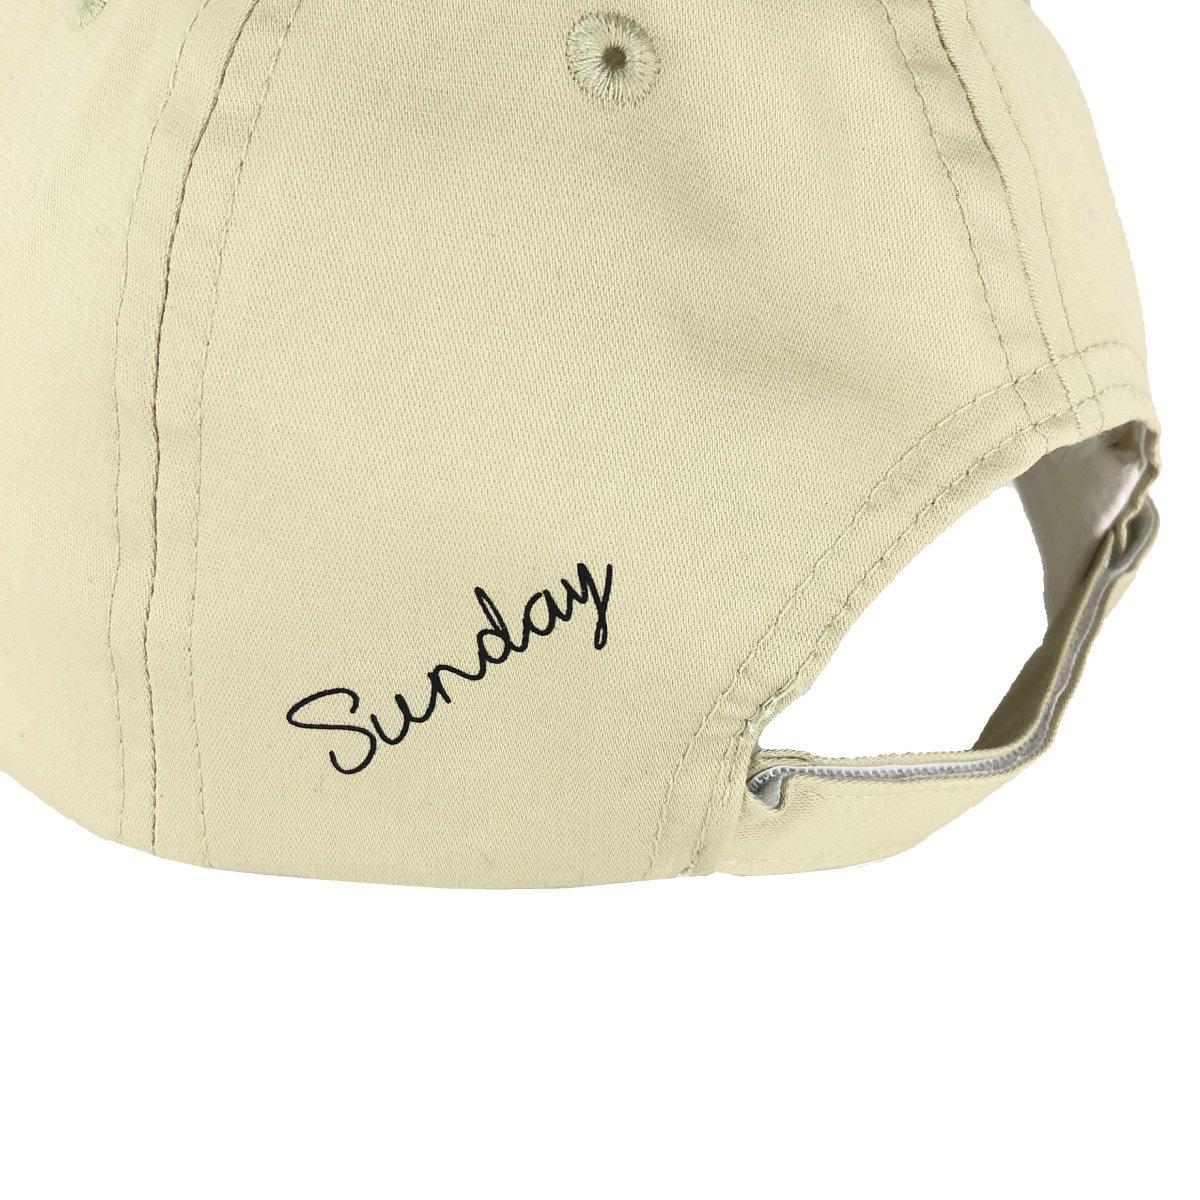 【BABY】Baby Sunday Cap 詳細画像15